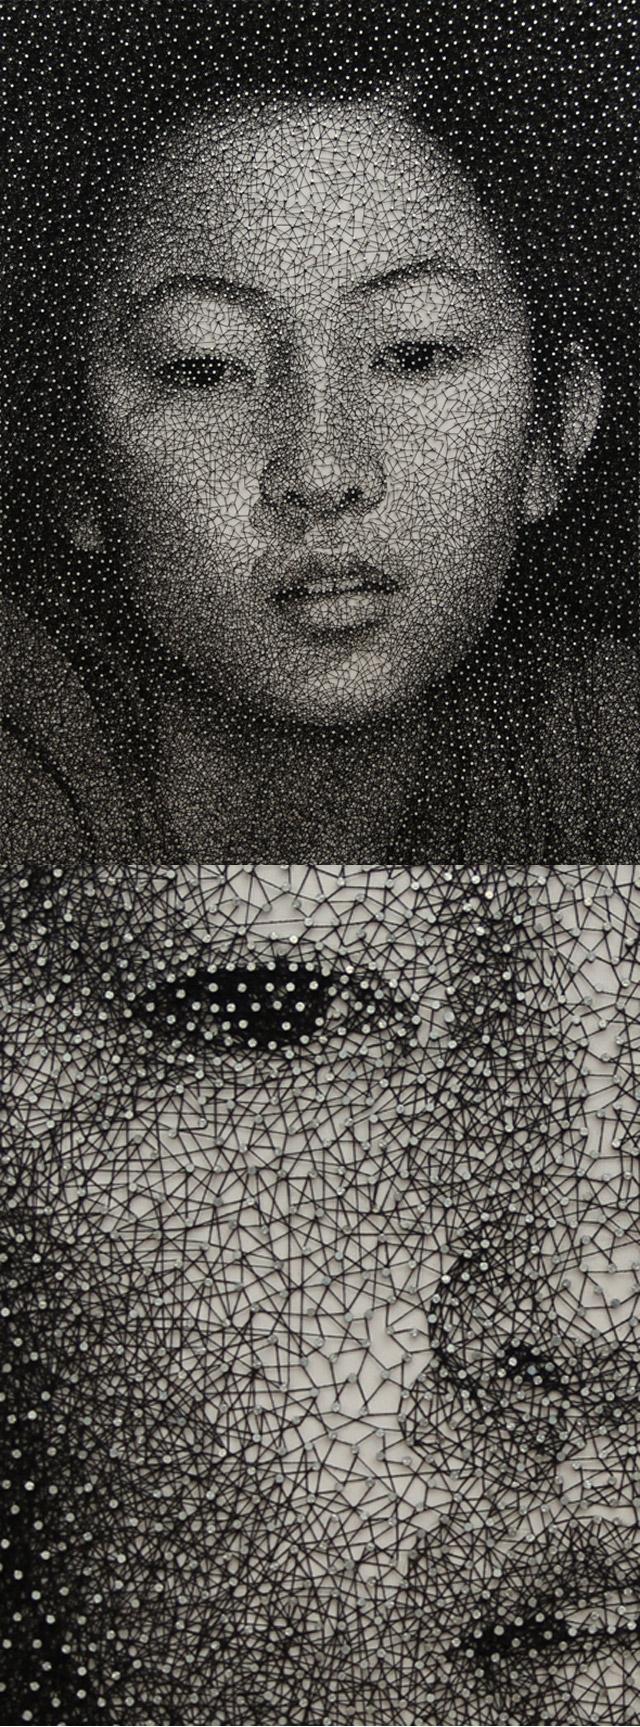 art blog - Kumi Yamashita - empty kingdom